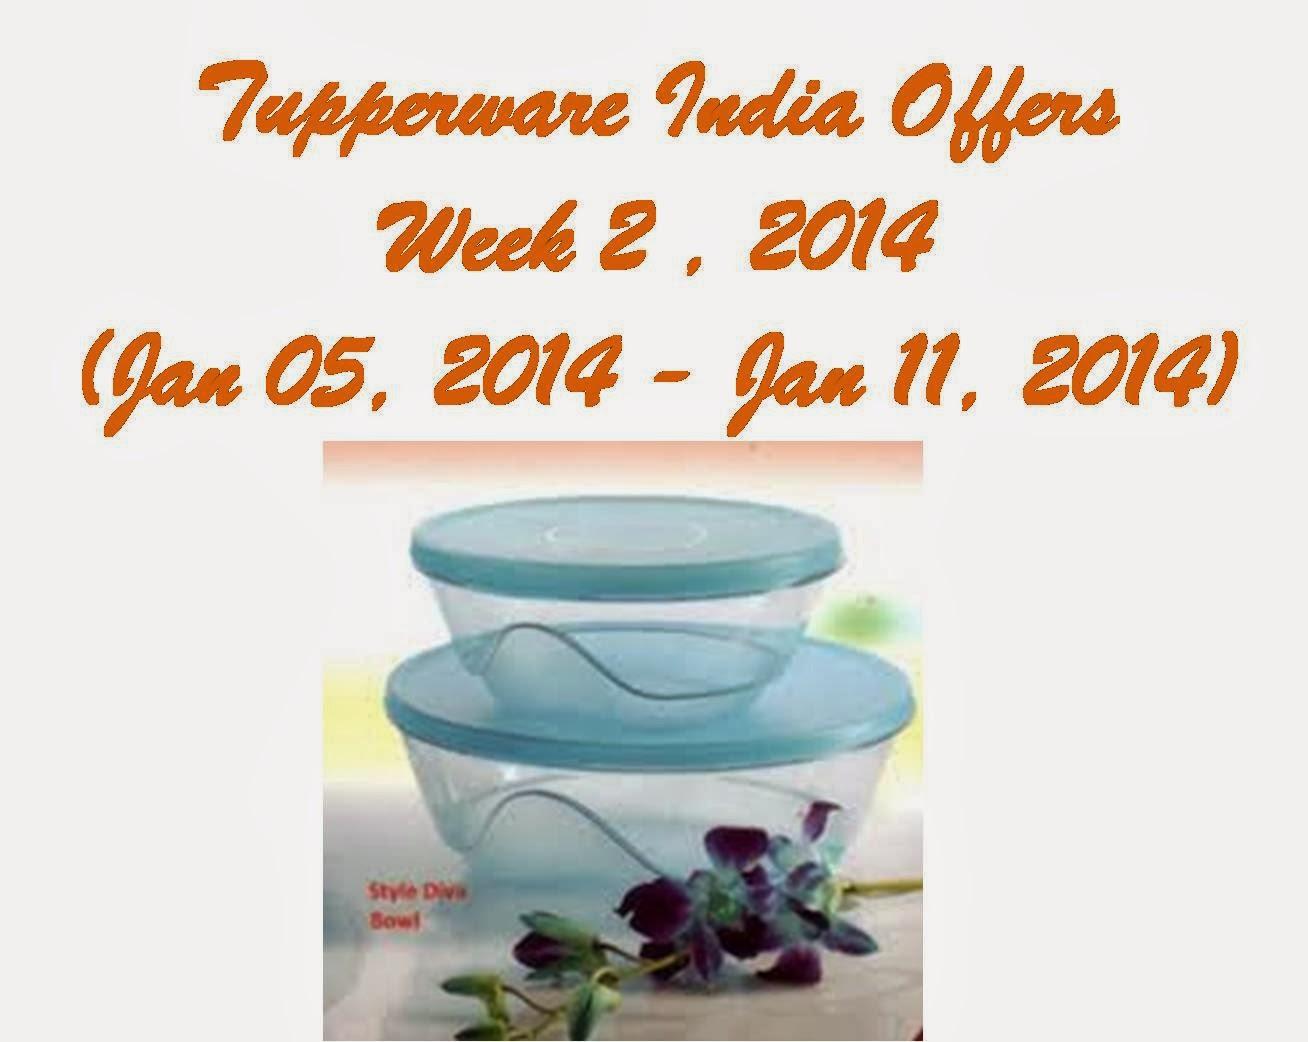 Tupperware India Offers - Week 2 , 2014 (Jan 05, 2014 - Jan 11, 2014)